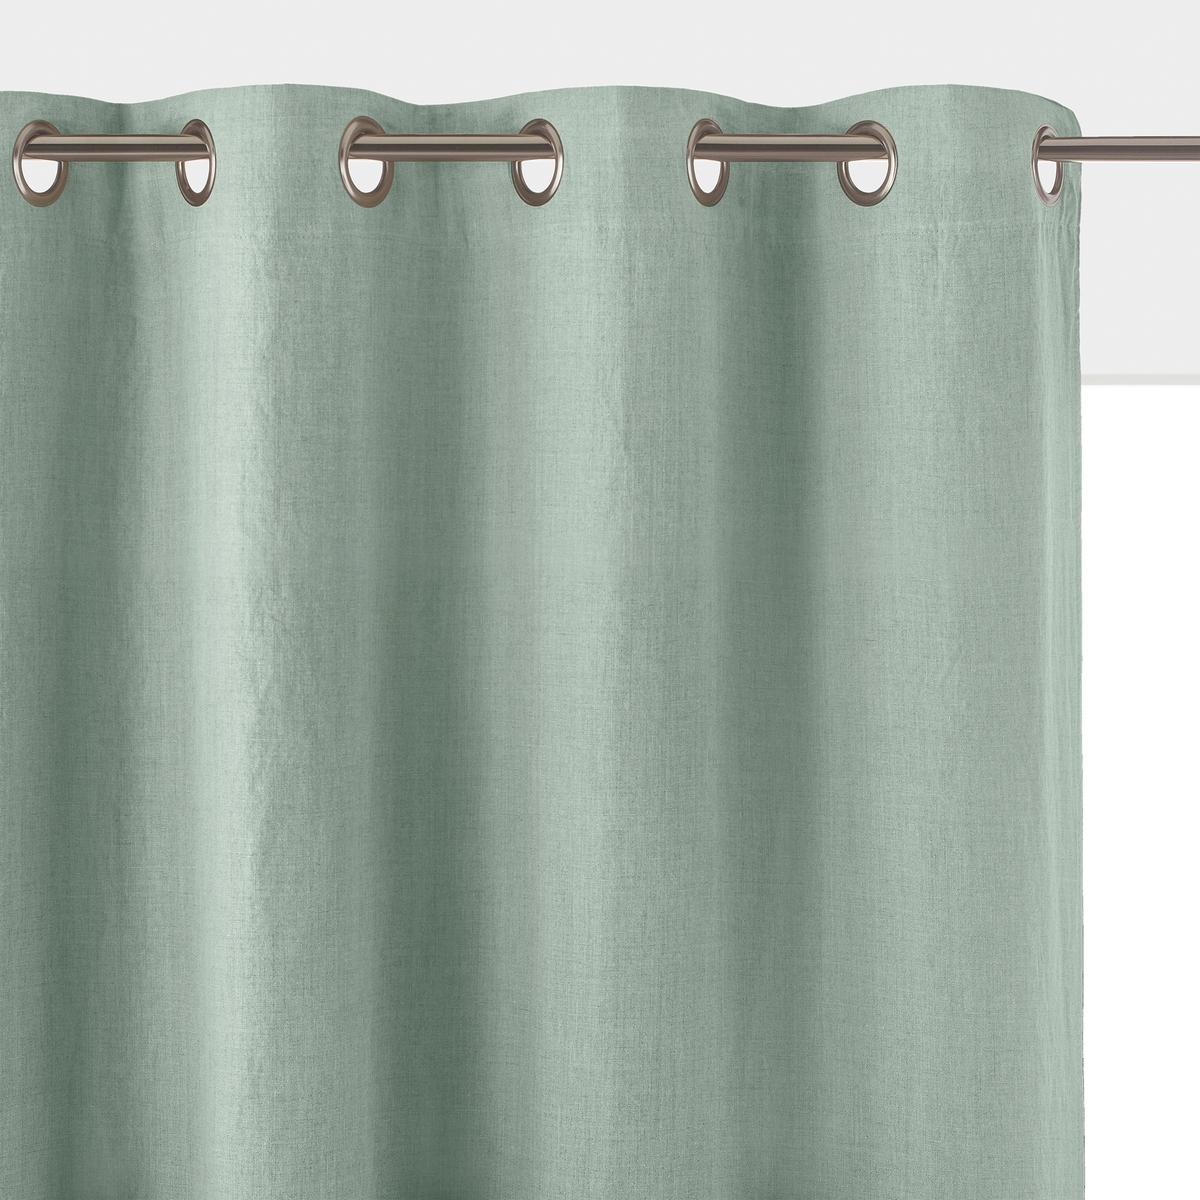 Штора La Redoute Затемняющая из осветленного льна с люверсами ONEGA 260 x 135 см зеленый штора затемняющая из стираного льна с кожаными шлевками private